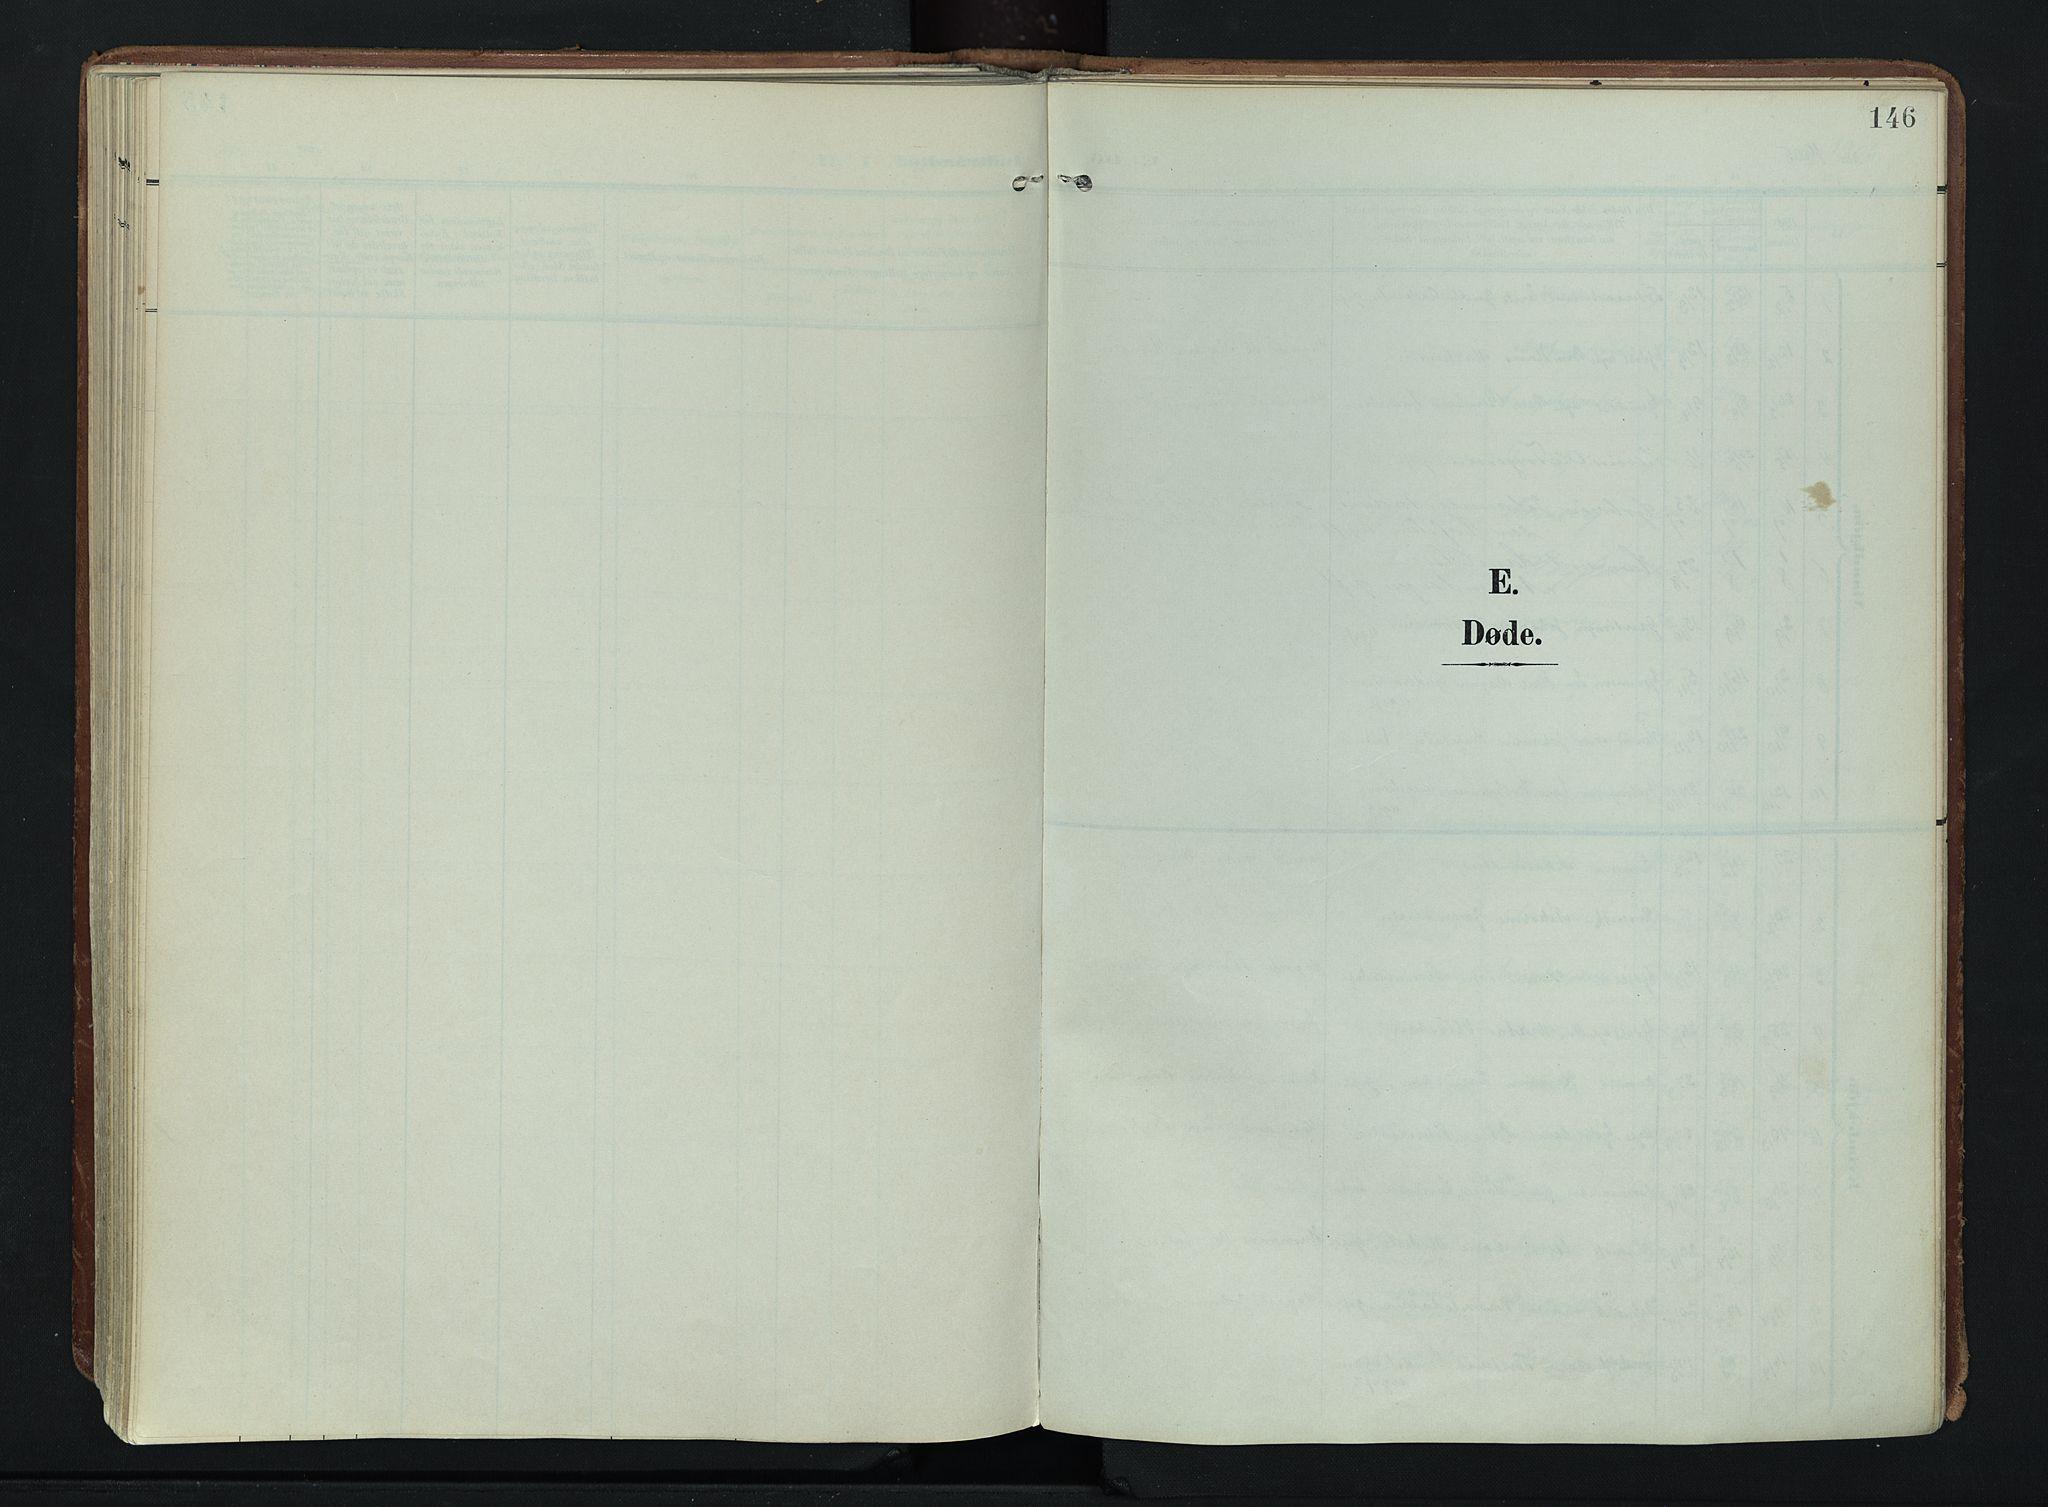 SAH, Søndre Land prestekontor, K/L0007: Ministerialbok nr. 7, 1905-1914, s. 146